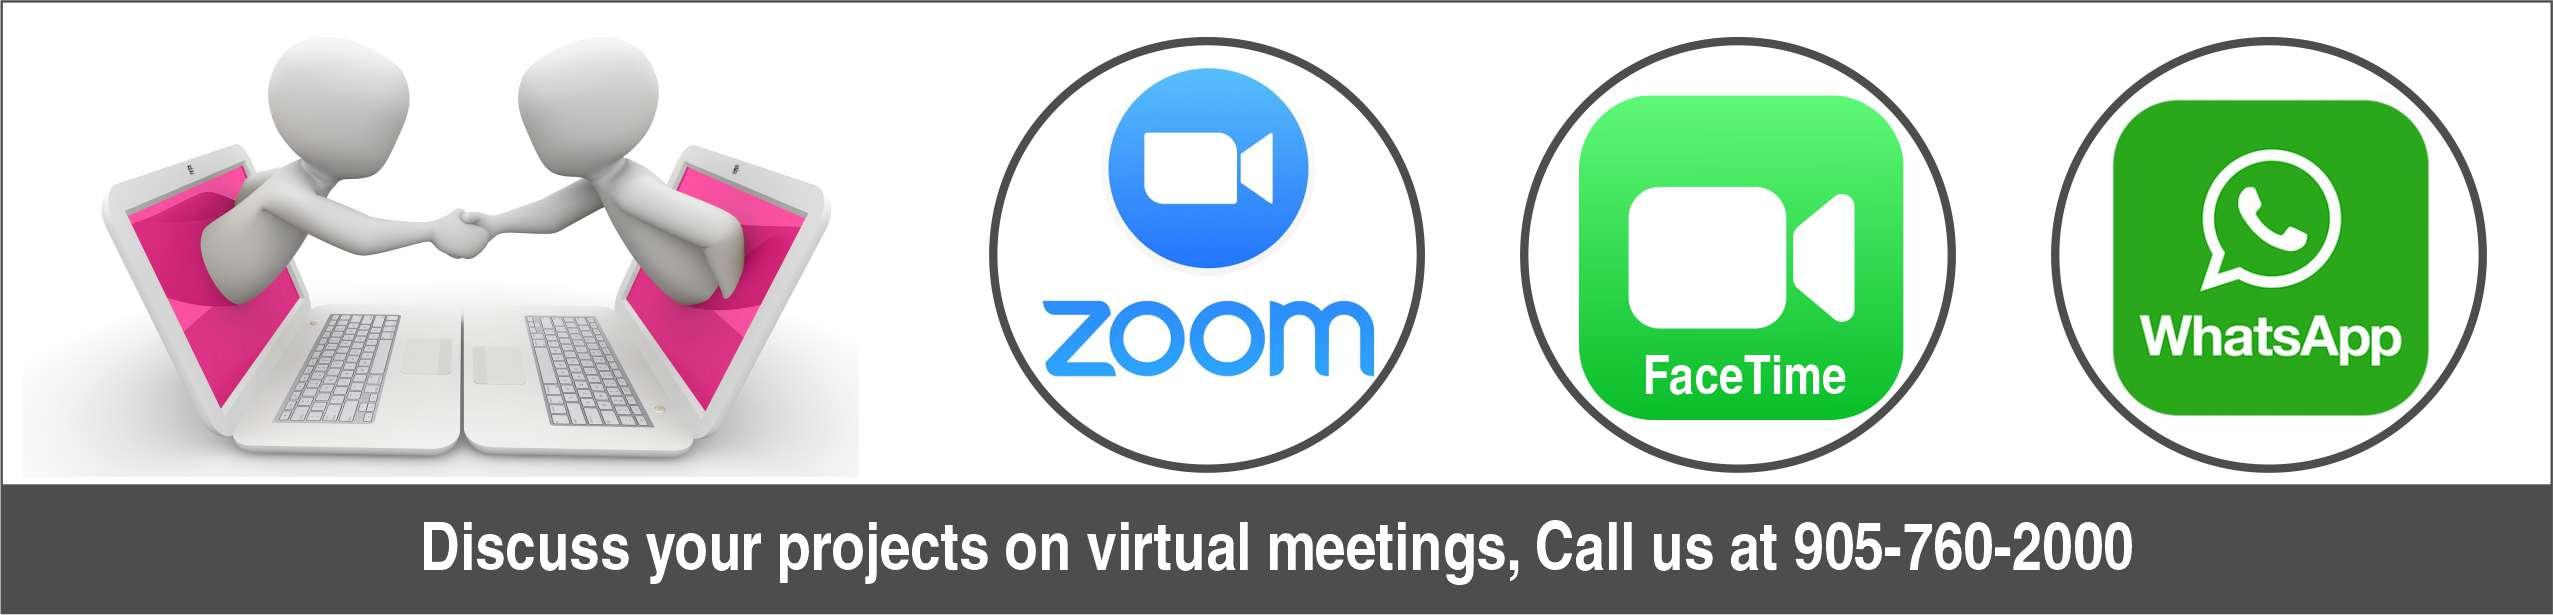 virtual-meeting.jpg